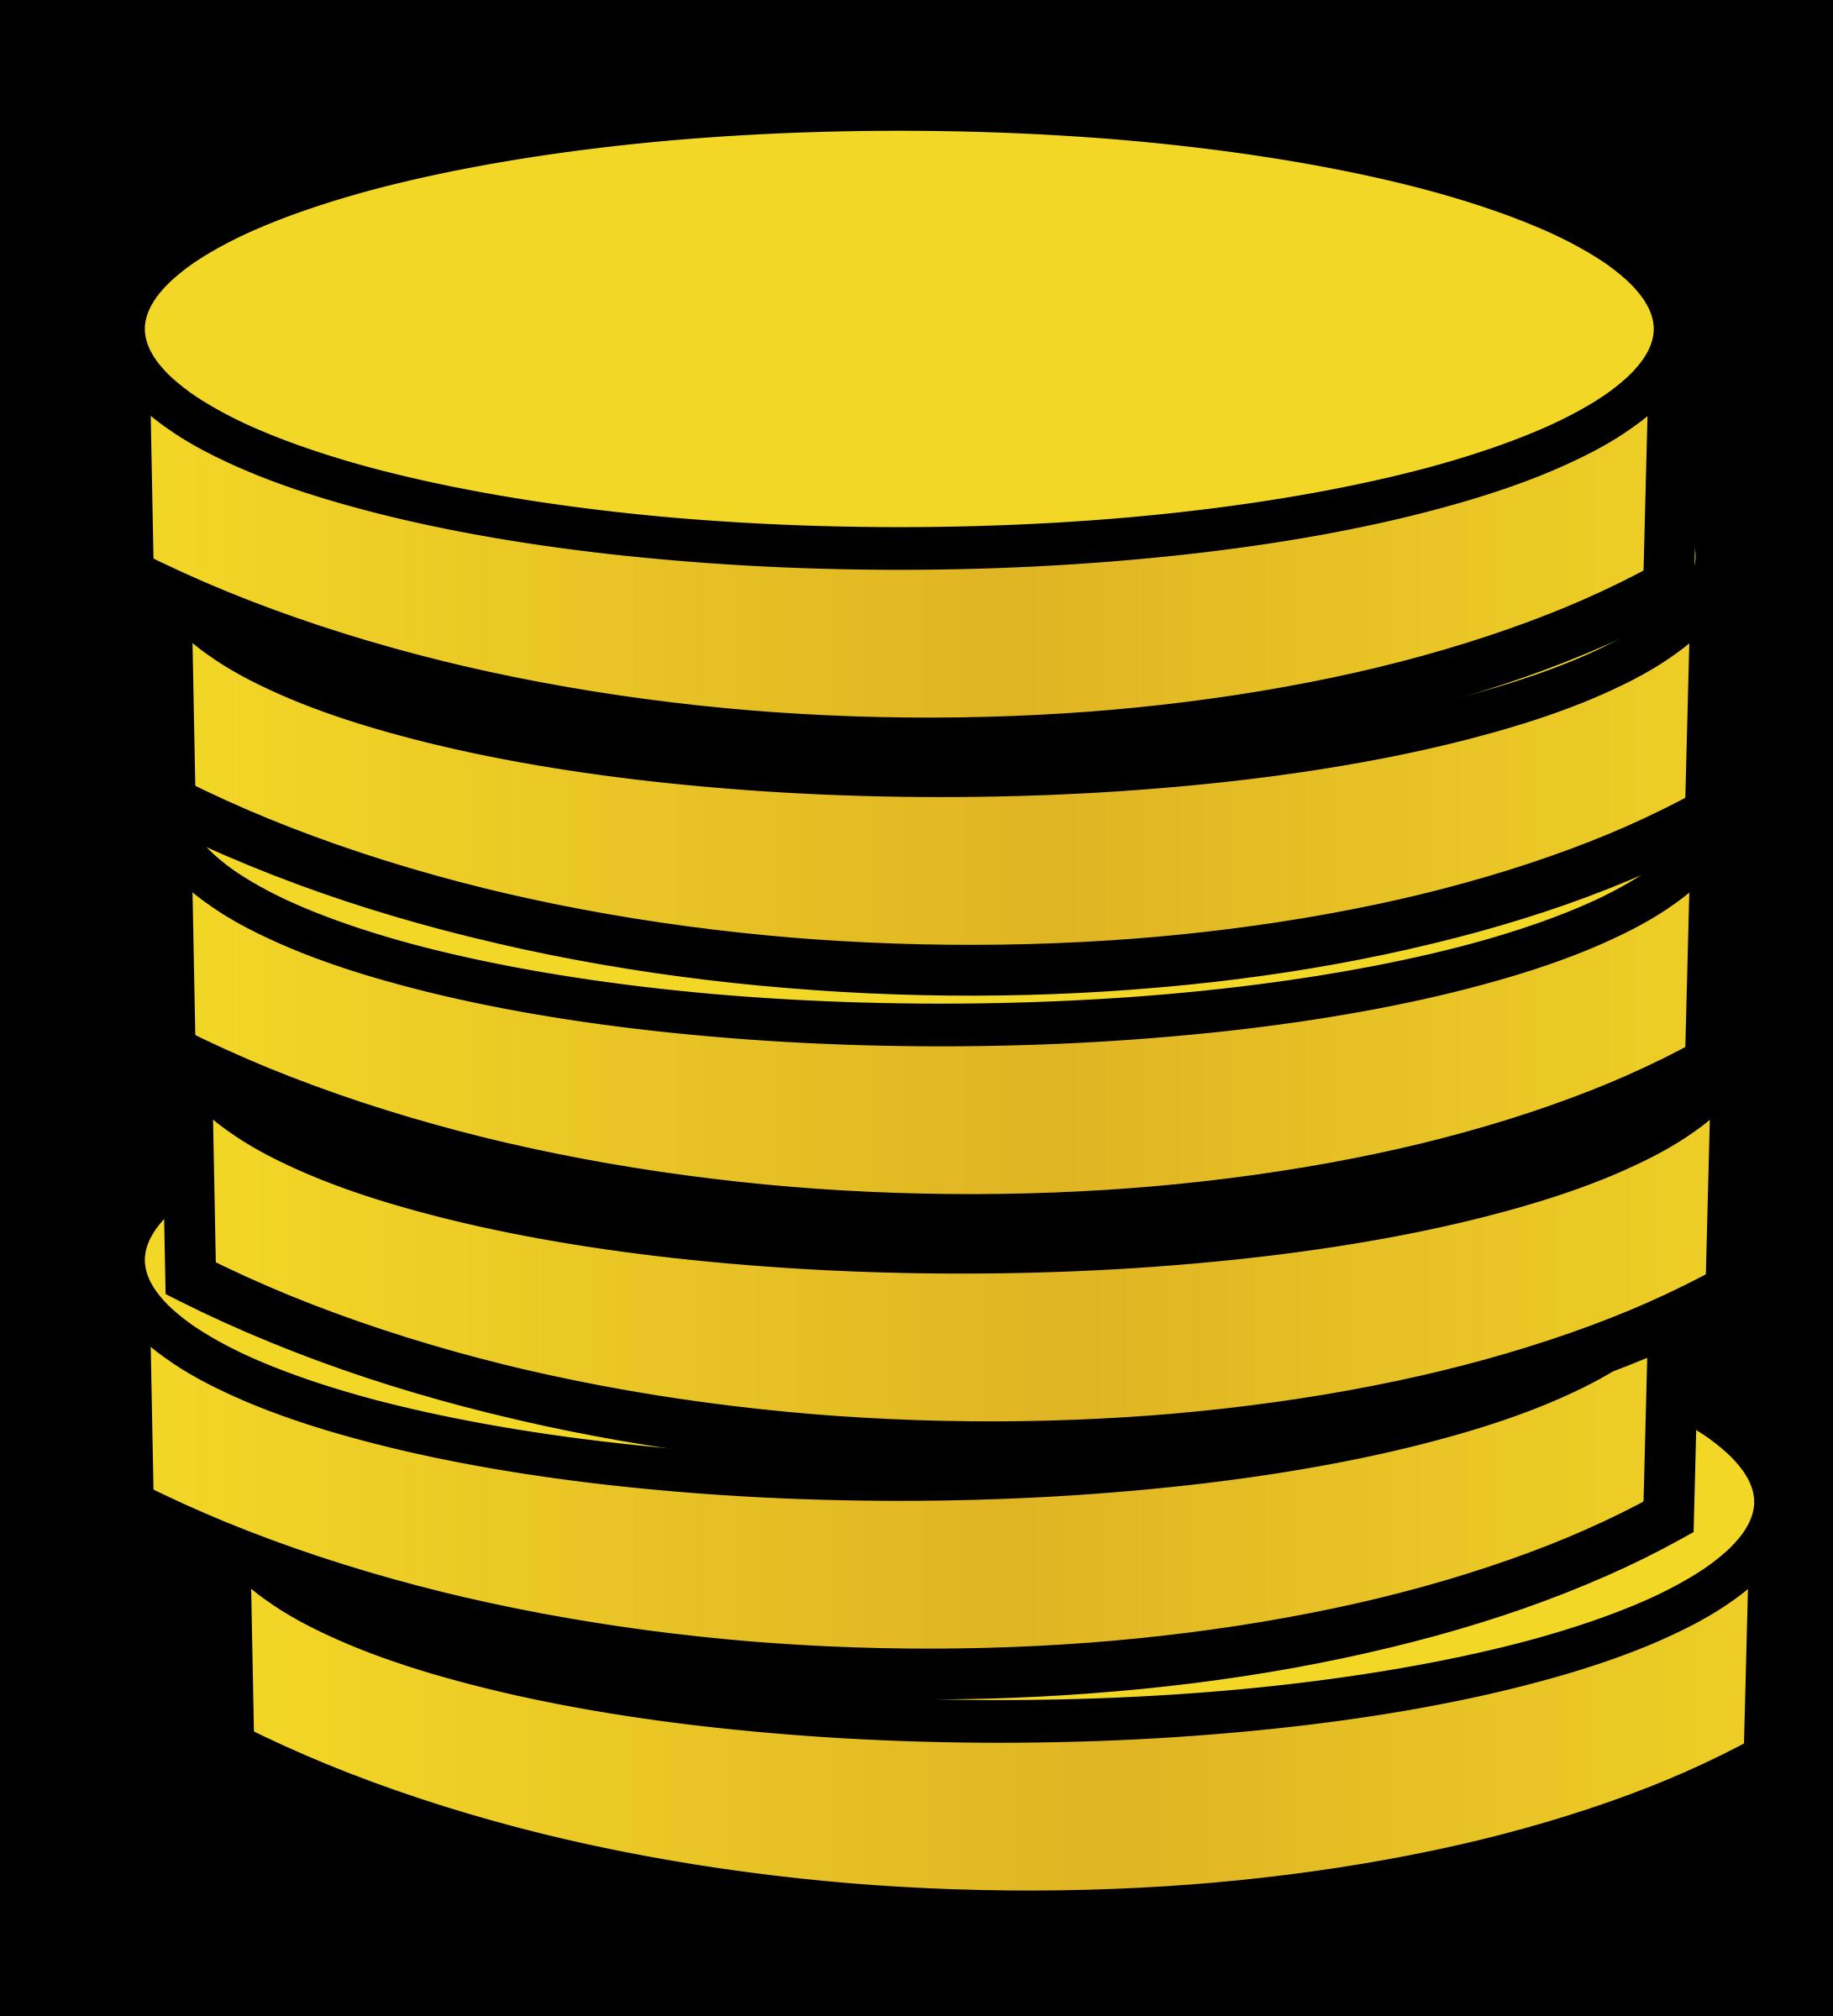 Coin Clip Art-Coin Clip Art-4